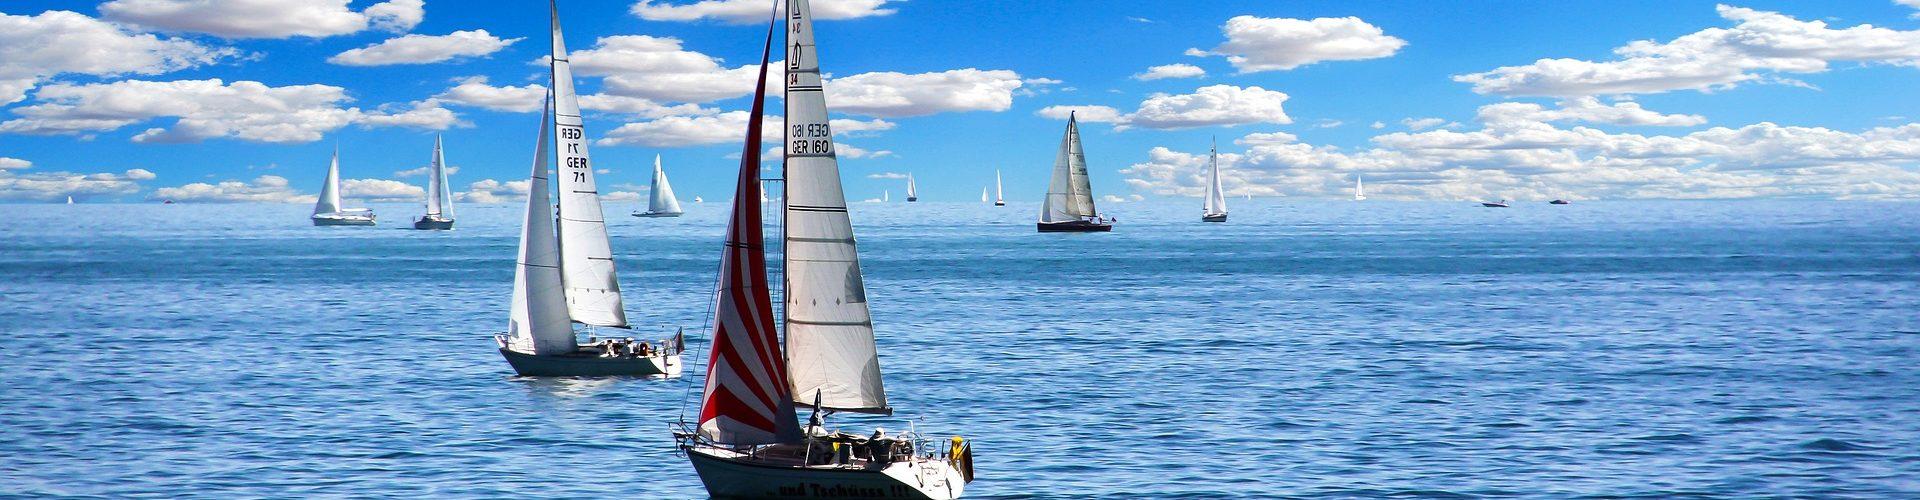 segeln lernen in Hofheim am Taunus segelschein machen in Hofheim am Taunus 1920x500 - Segeln lernen in Hofheim am Taunus